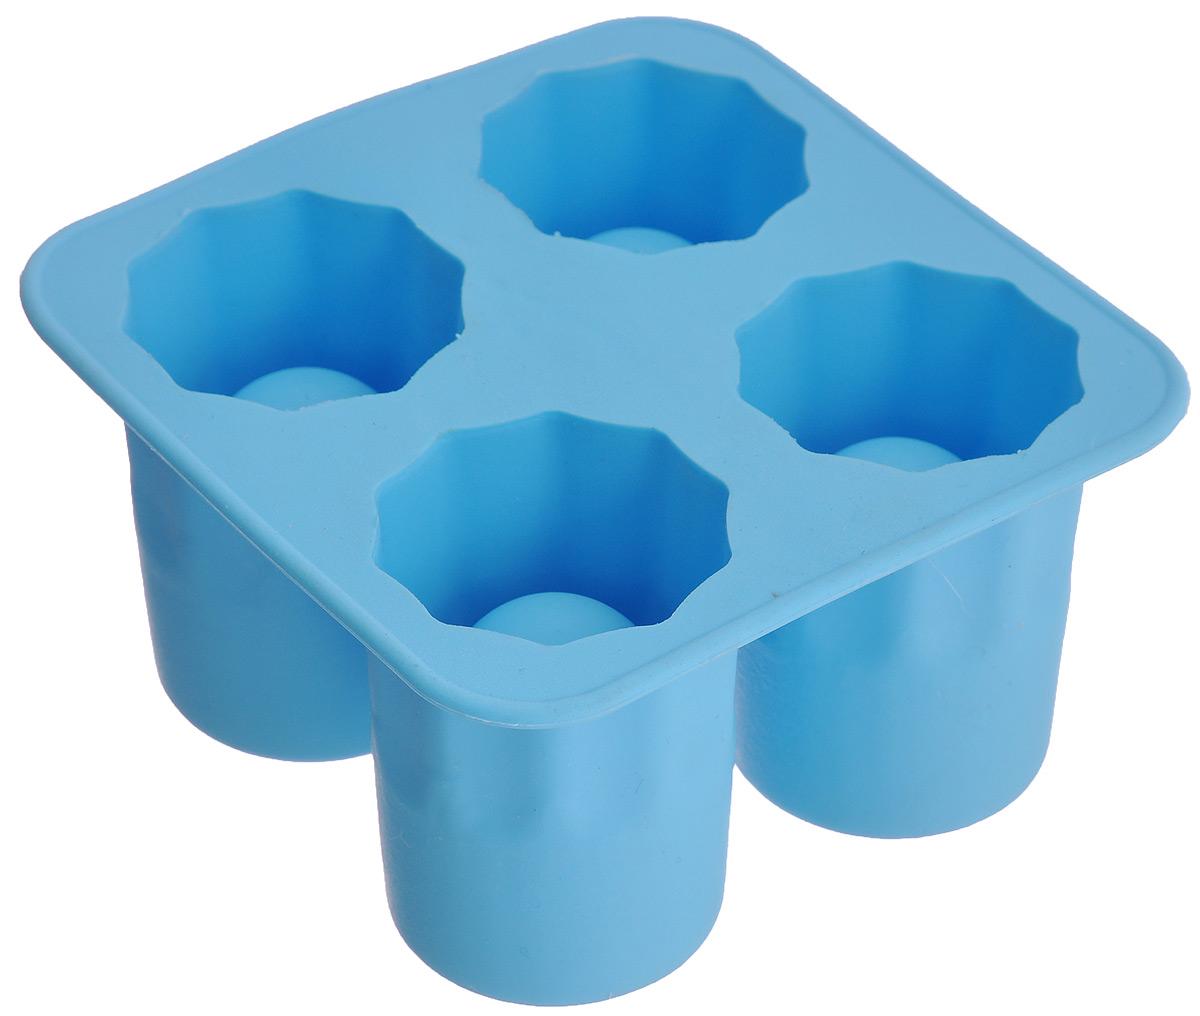 Форма для льда Bradex Ледяные стопки420706 желтыйФорма для льда Bradex Ледяные стопки изготовлена из пищевой термопластичной резины. Форма содержит 4 ячейки, которые помогут сделать не просто фигурный лед, а настоящие стопки изо льда. Налейте воду в форму, поставьте ее в морозильную камеру, и ледяные стопки готовы! В такой рюмке ваши любимые горячительные напитки моментально остынут до нужной температуры. Ледяные стопки не нужно мыть: оставьте их в раковине, они сами растают. Фантазируйте! Стопки можно делать из любой жидкости. Заливайте в форму сок, молоко или другие жидкости, чтобы удивлять своих друзей оригинальными ледяными стопками! Размер стопки: 4 см х 3,8 см х 5,5 см. Общий размер формы: 10 см х 10 см х 5,5 см.